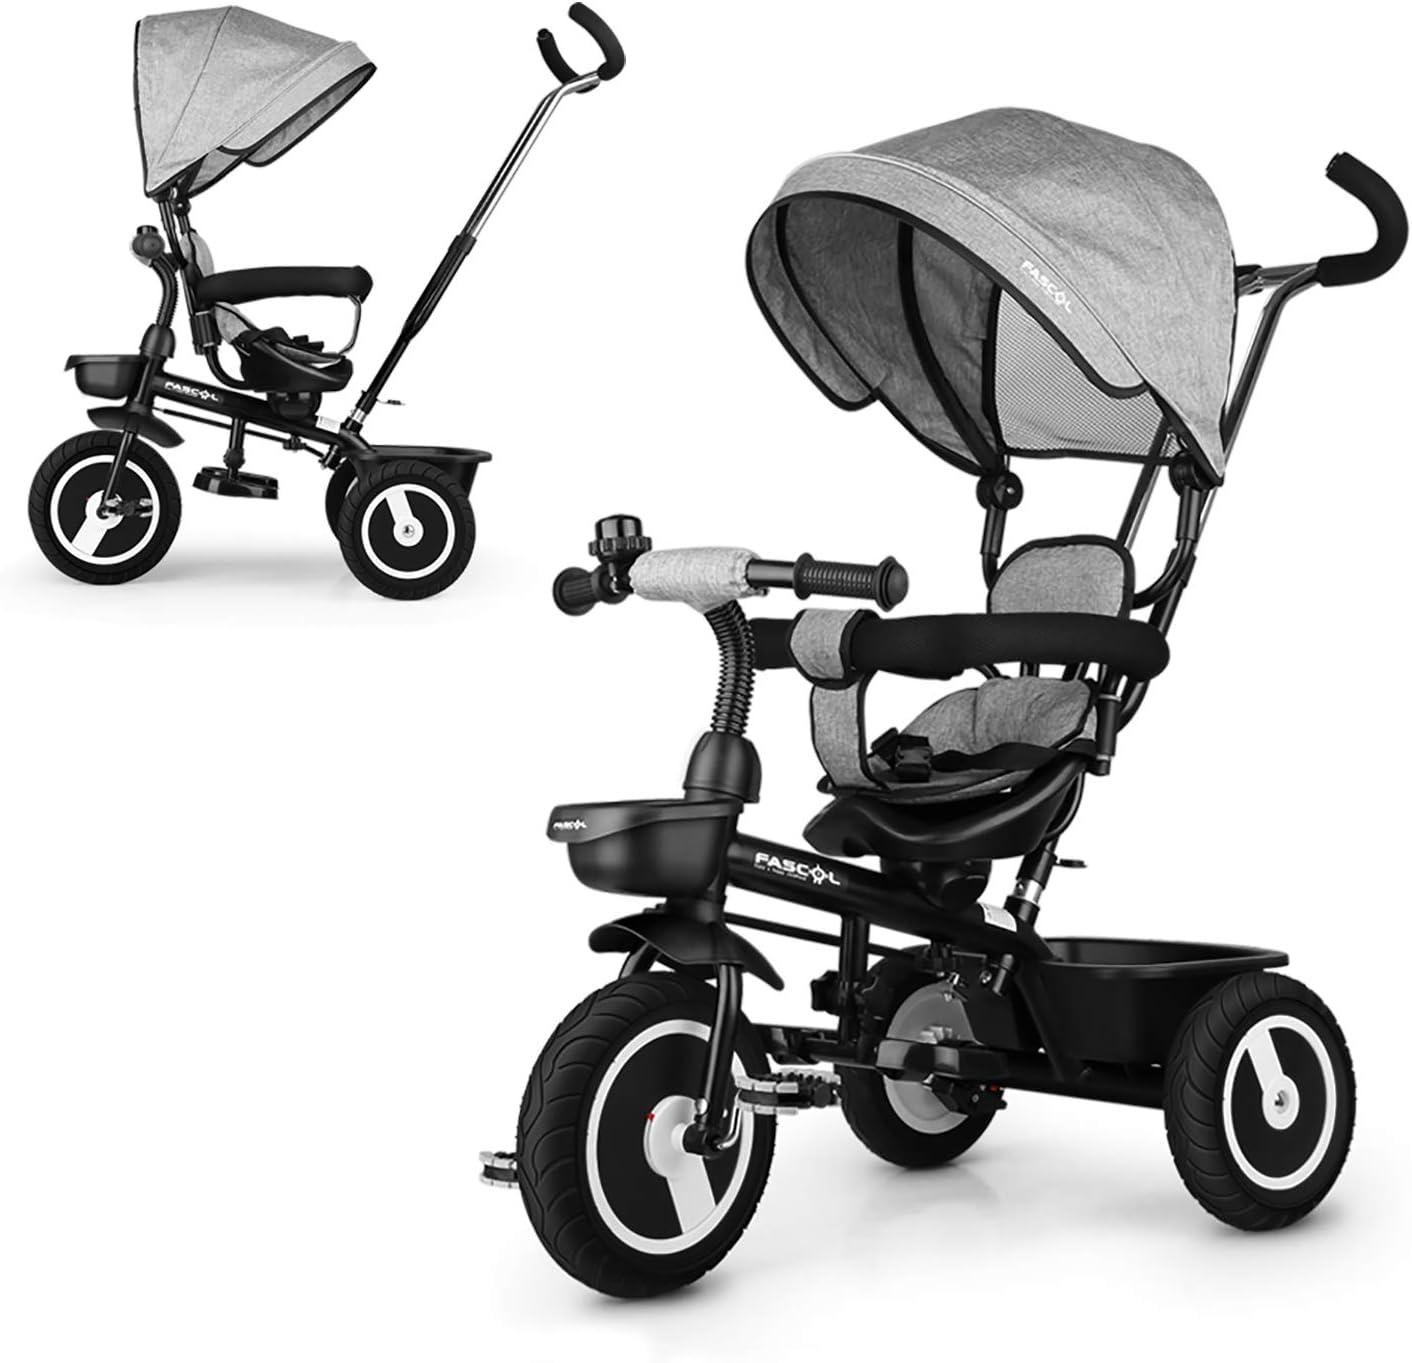 Triciclos Bebes, Fascol 7 en 1 Triciclo Evolutivo con Ruedas de Gomas para Bebe de 12 Meses a 5 Años,Gris